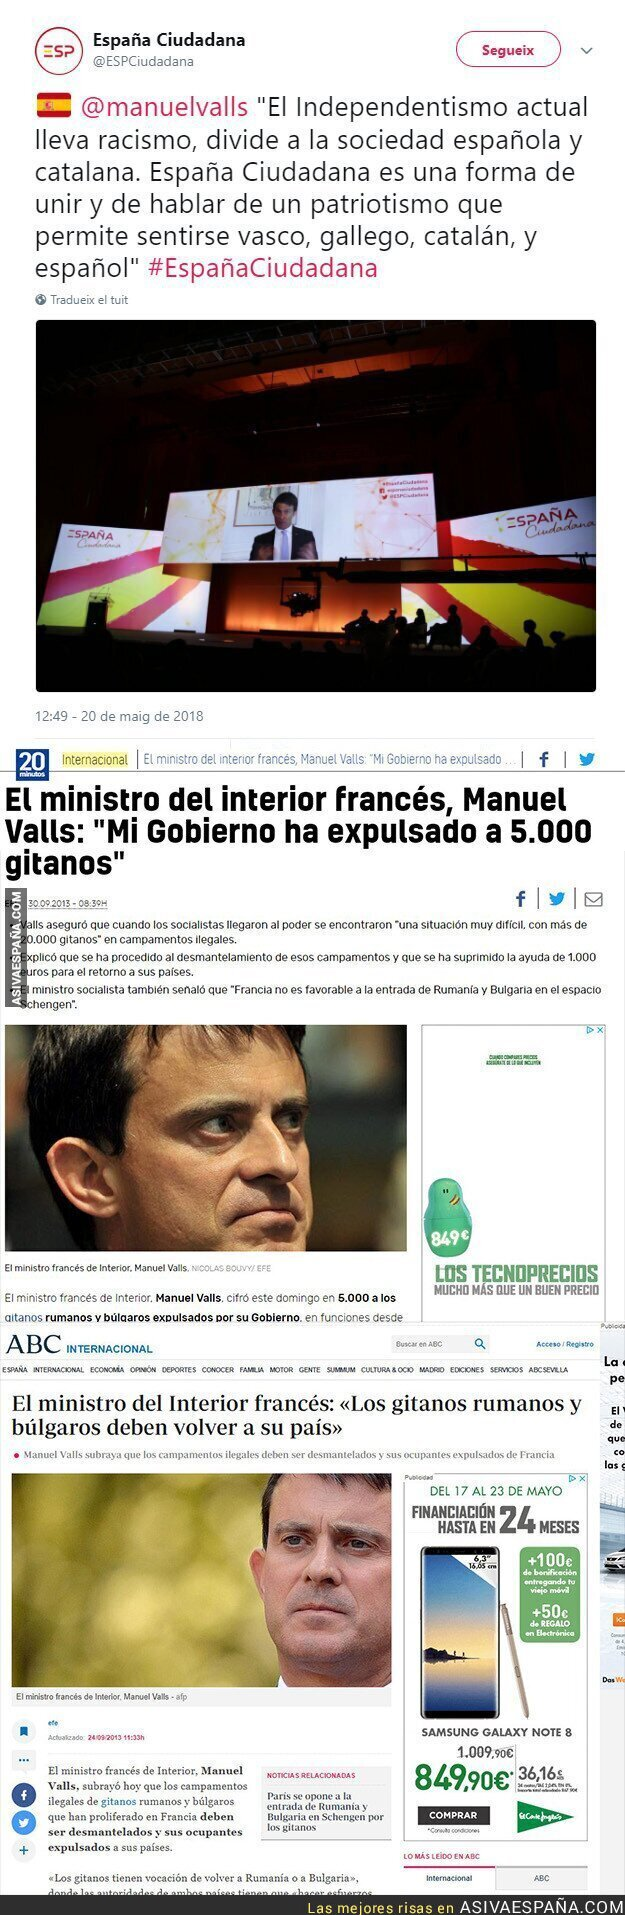 87168 - Manuel Valls (Ciudadanos) dice que el nacionalismo catalán lleva racismo y esto hacía él en Francia